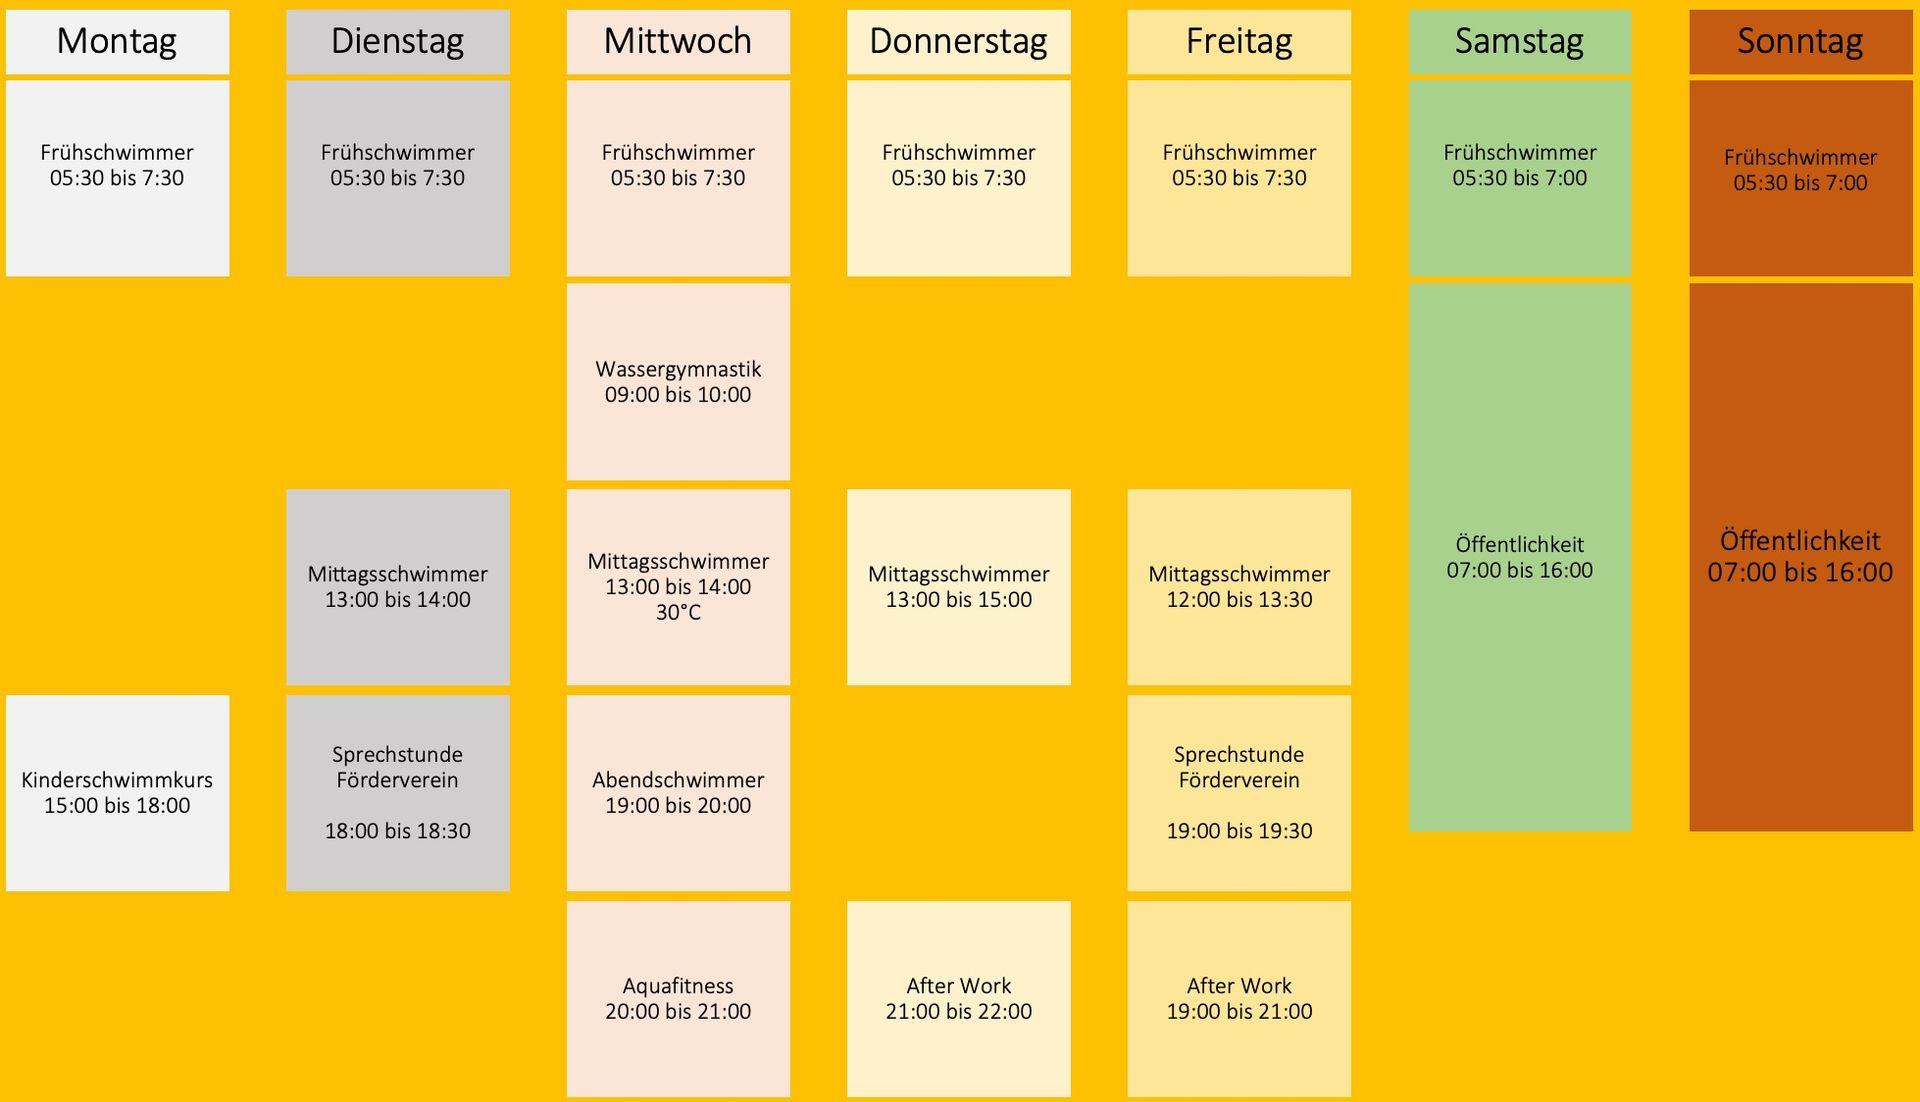 Schwimmgruppen und Öffnungszeiten - Öffnungs- und